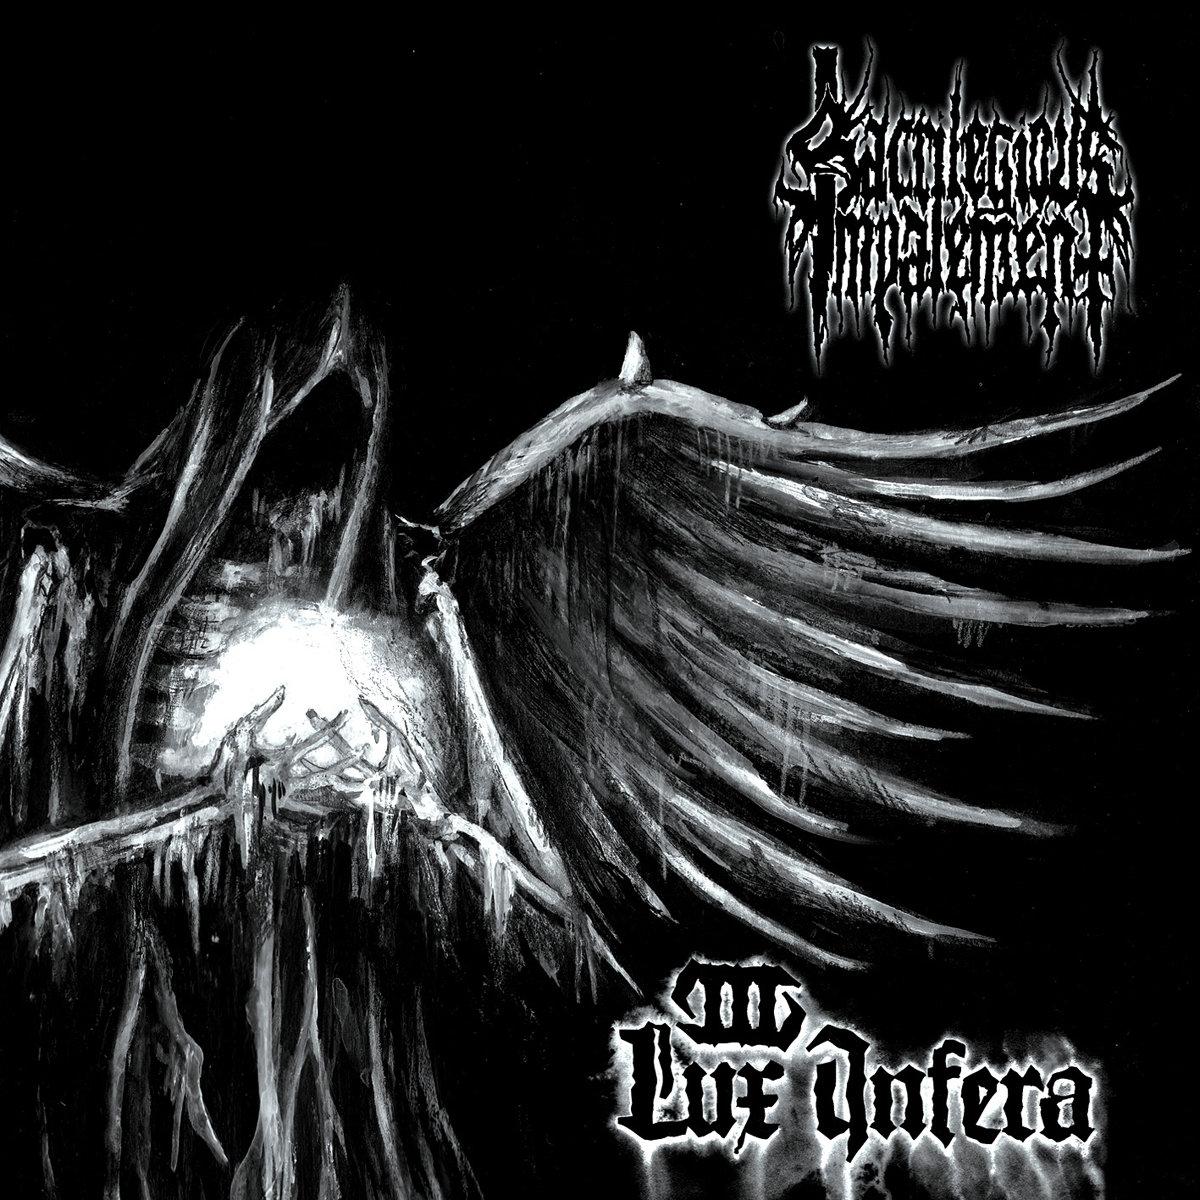 """SACRILEGIOUS IMPALEMENT – Lux Infera CD &12"""" LP"""